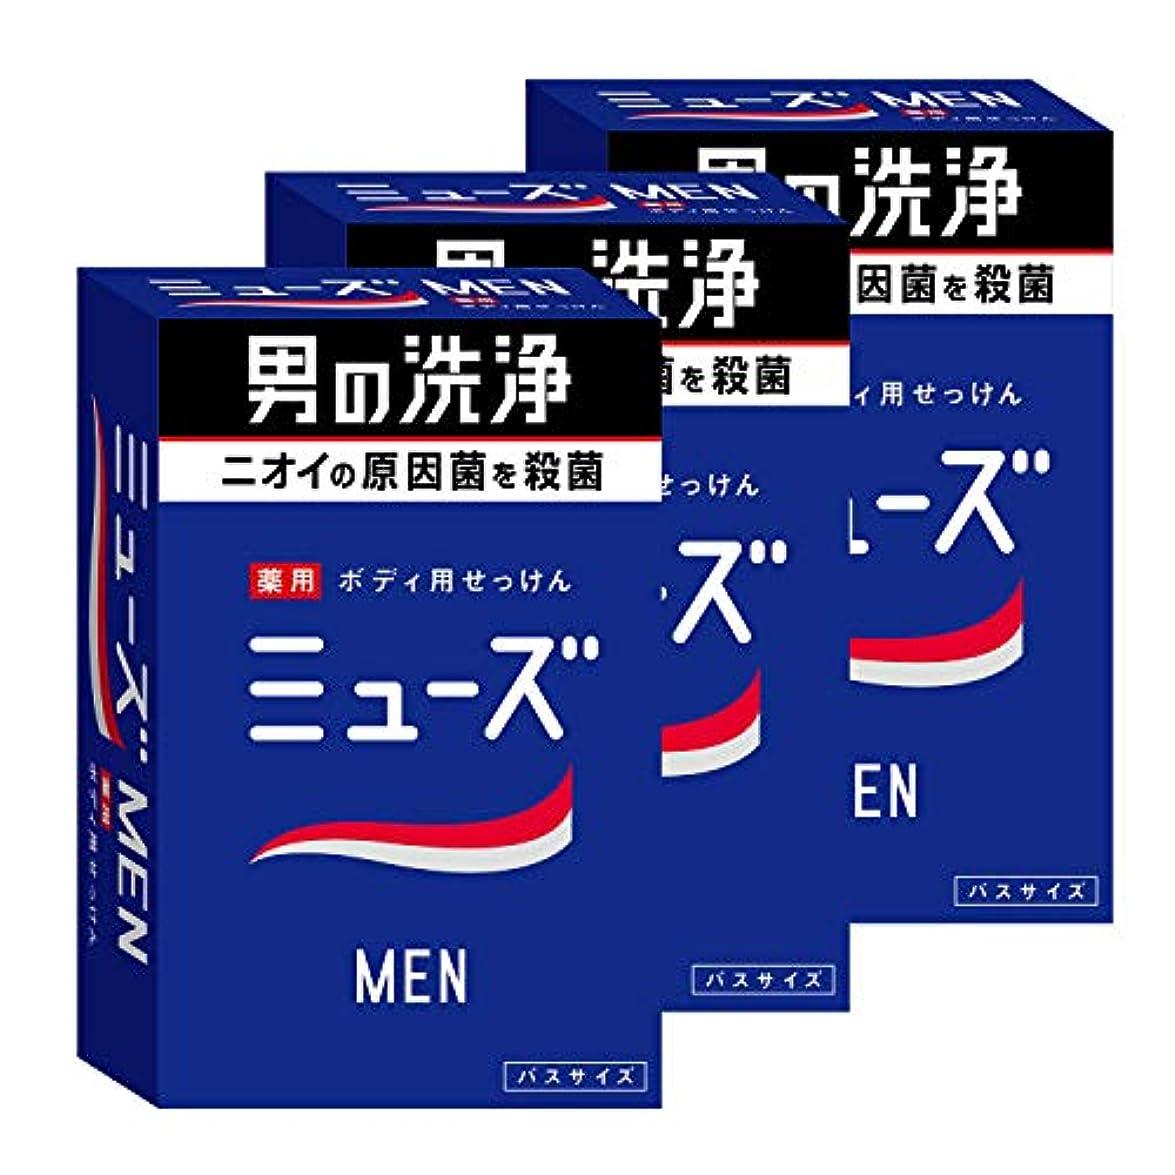 翻訳する作物比較的【医薬部外品】ミューズメン ボディ用 石鹸 135g ×3個 消臭